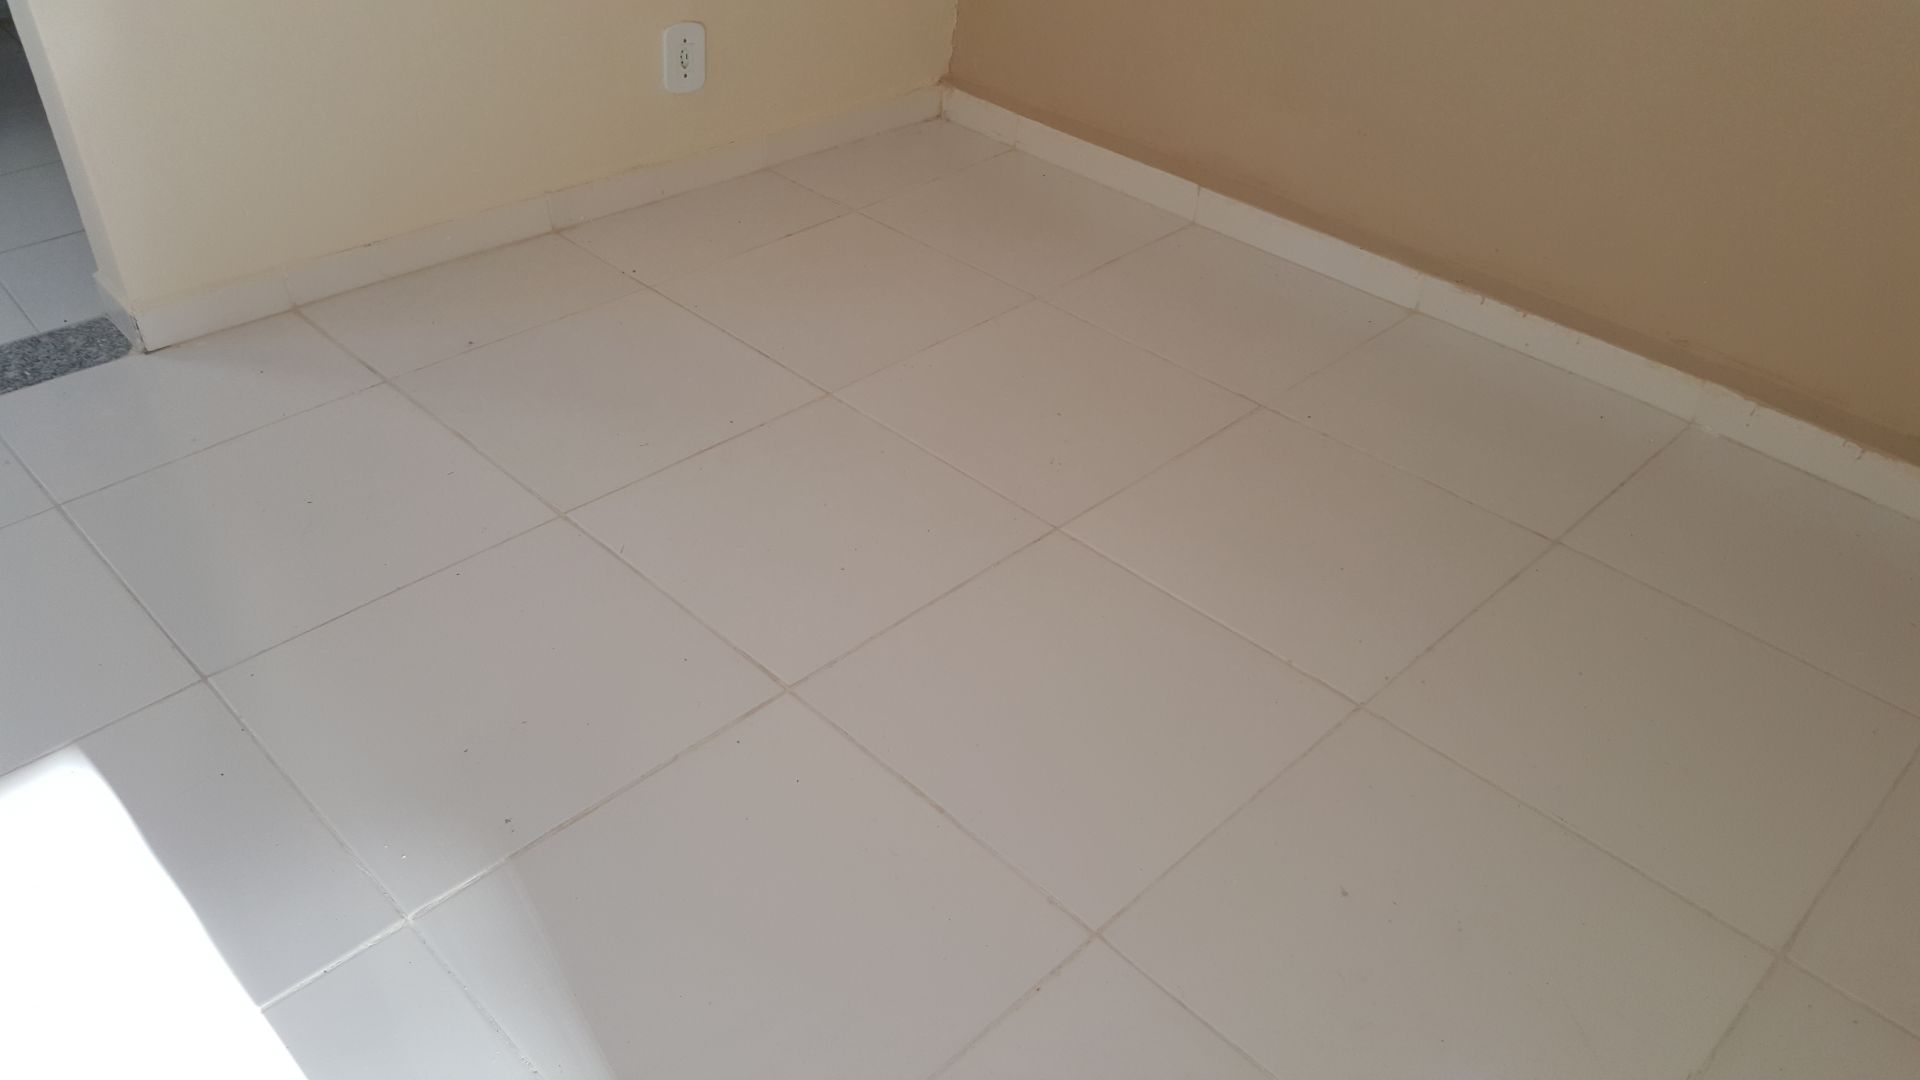 sala - Casa 1 quarto à venda Rio de Janeiro,RJ - R$ 60.000 - 111 - 1